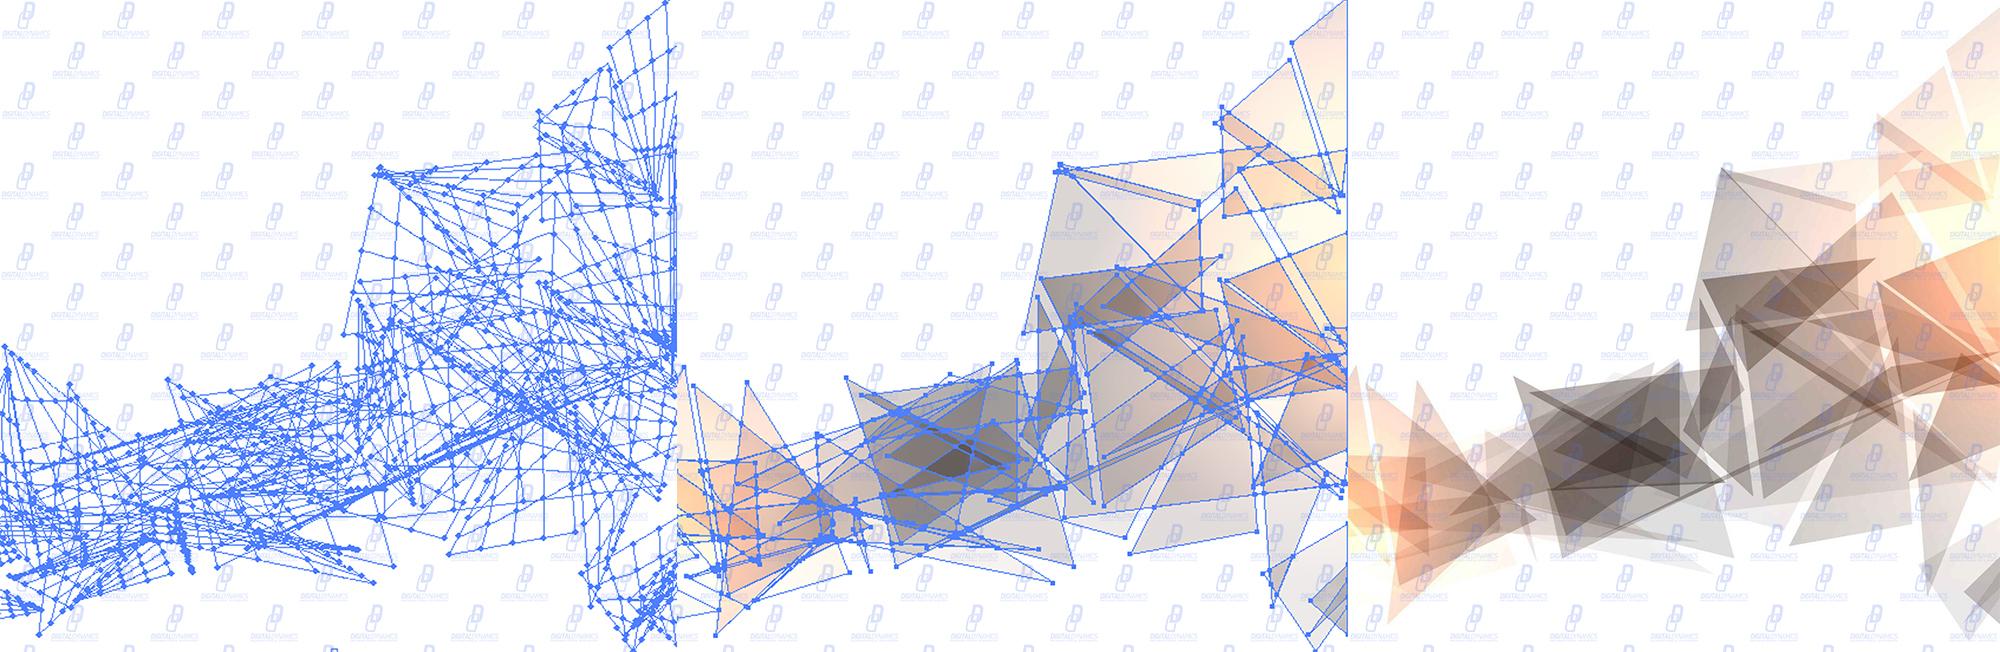 Перерисовка сложного векторного изображения без использования масок и эффектов